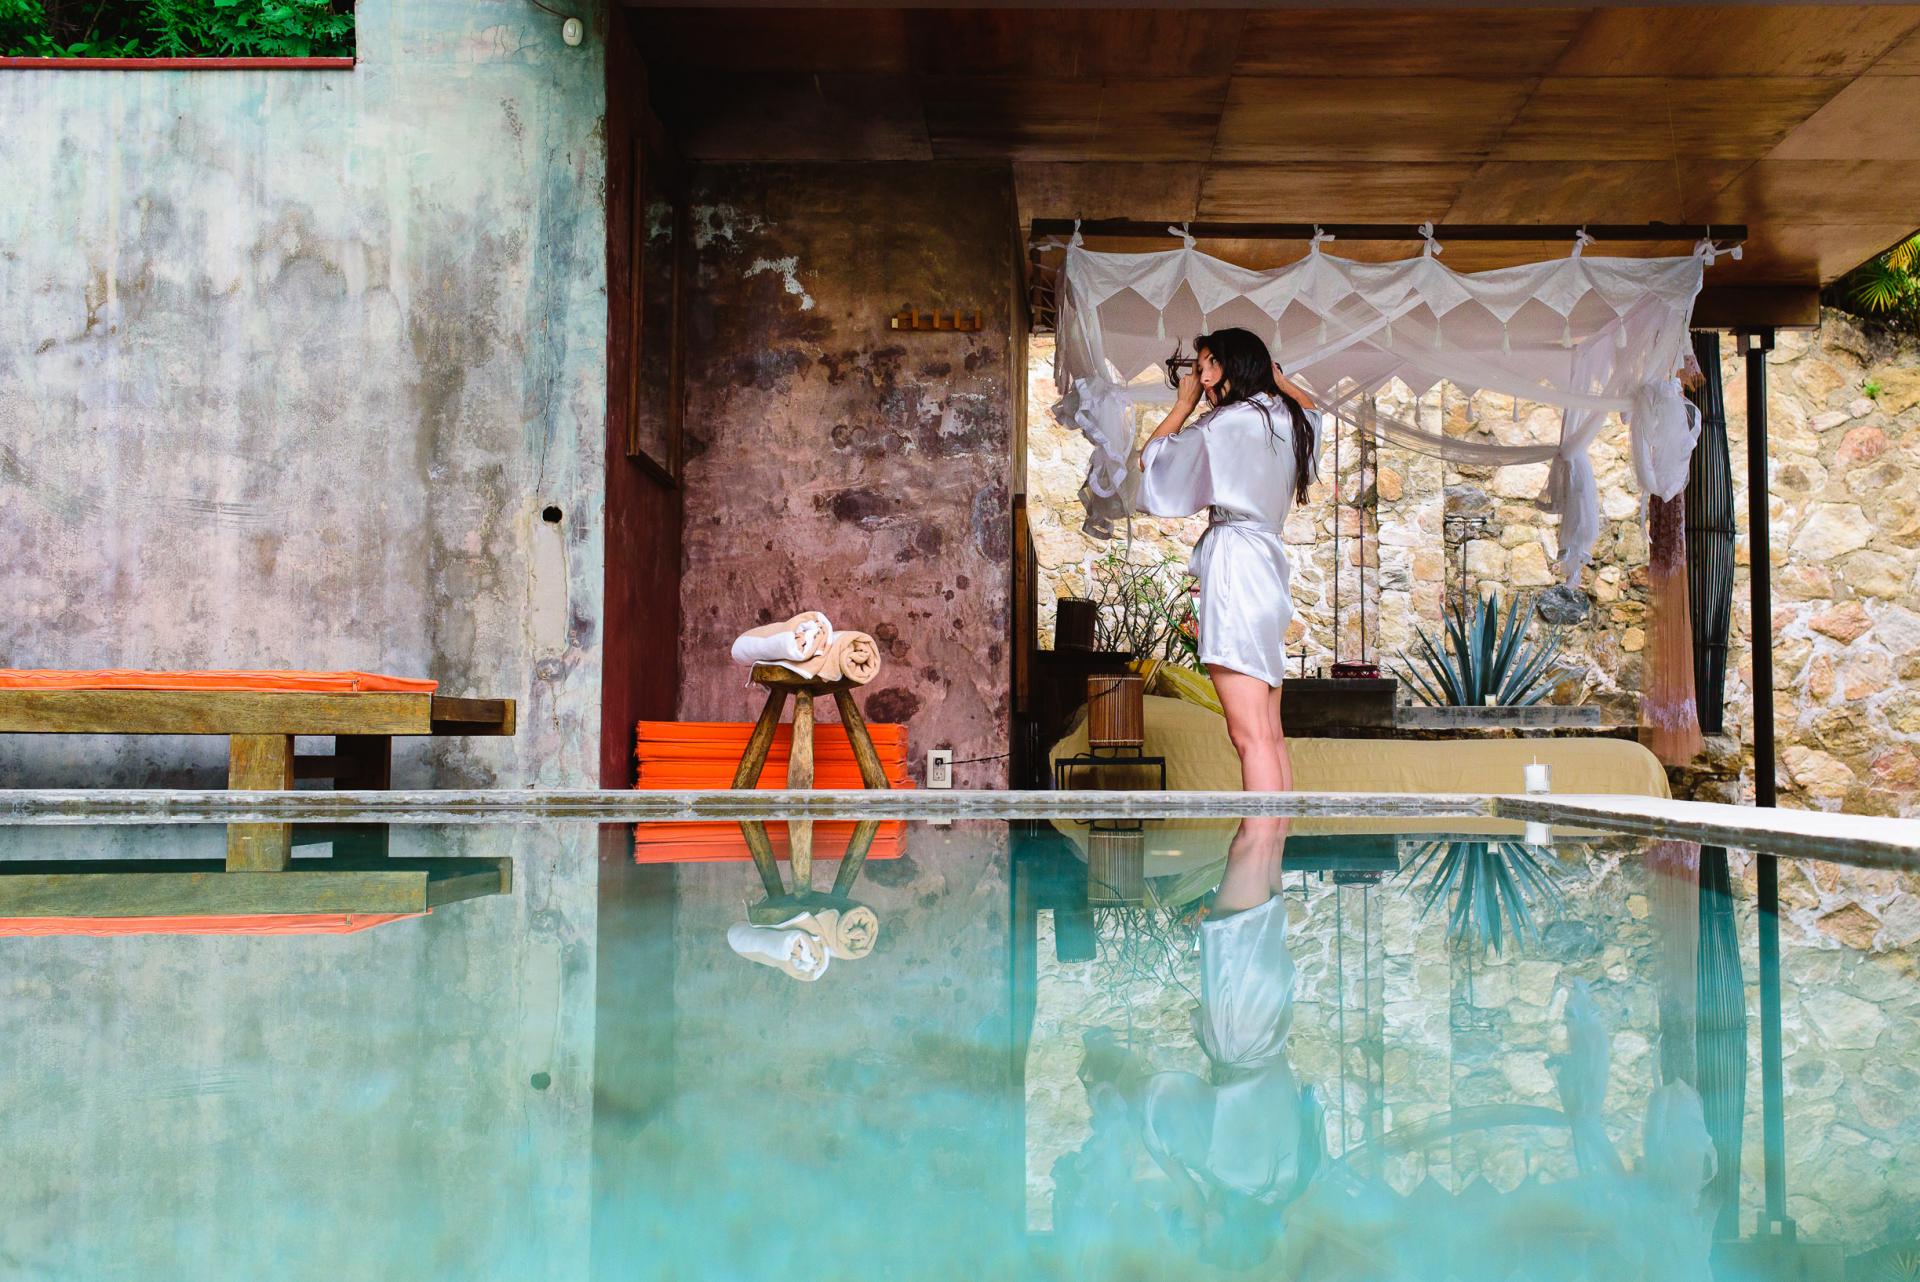 Yelapa, Mexique Elopement de mariage Photos   la mariée se lève, bouclant ses cheveux devant un miroir dans son bungalow aéré et rustique entouré de murs en pierre, d'une piscine claire et remplie de soleil